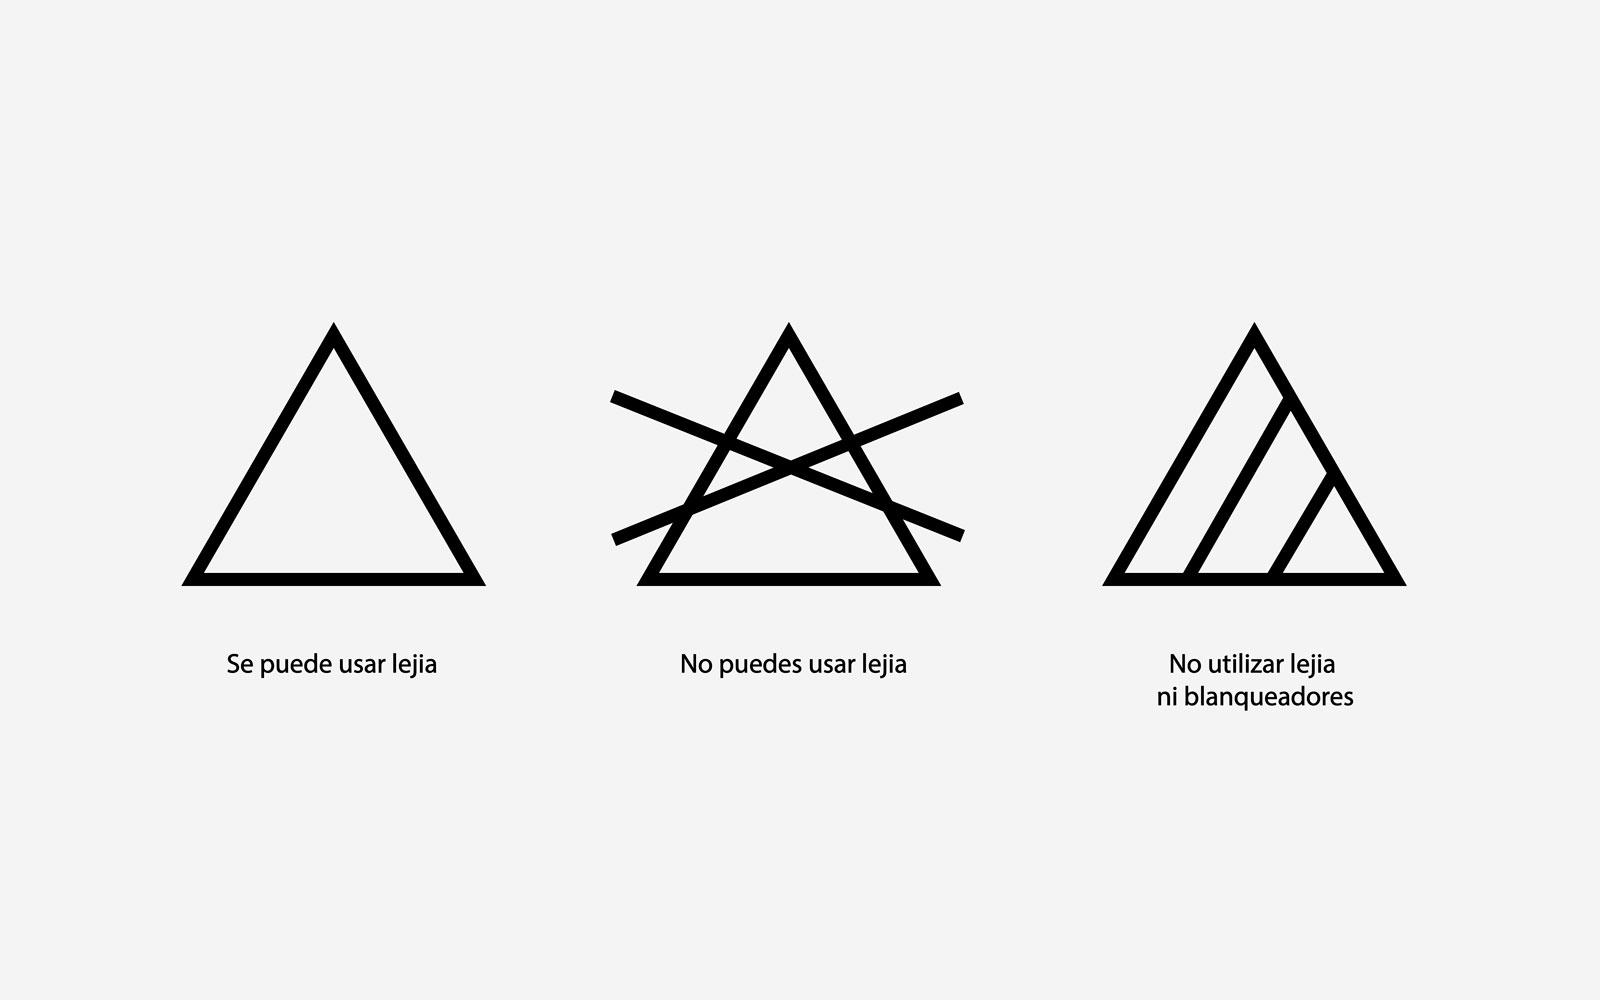 símbolos de lavado lejía y blanqueadores